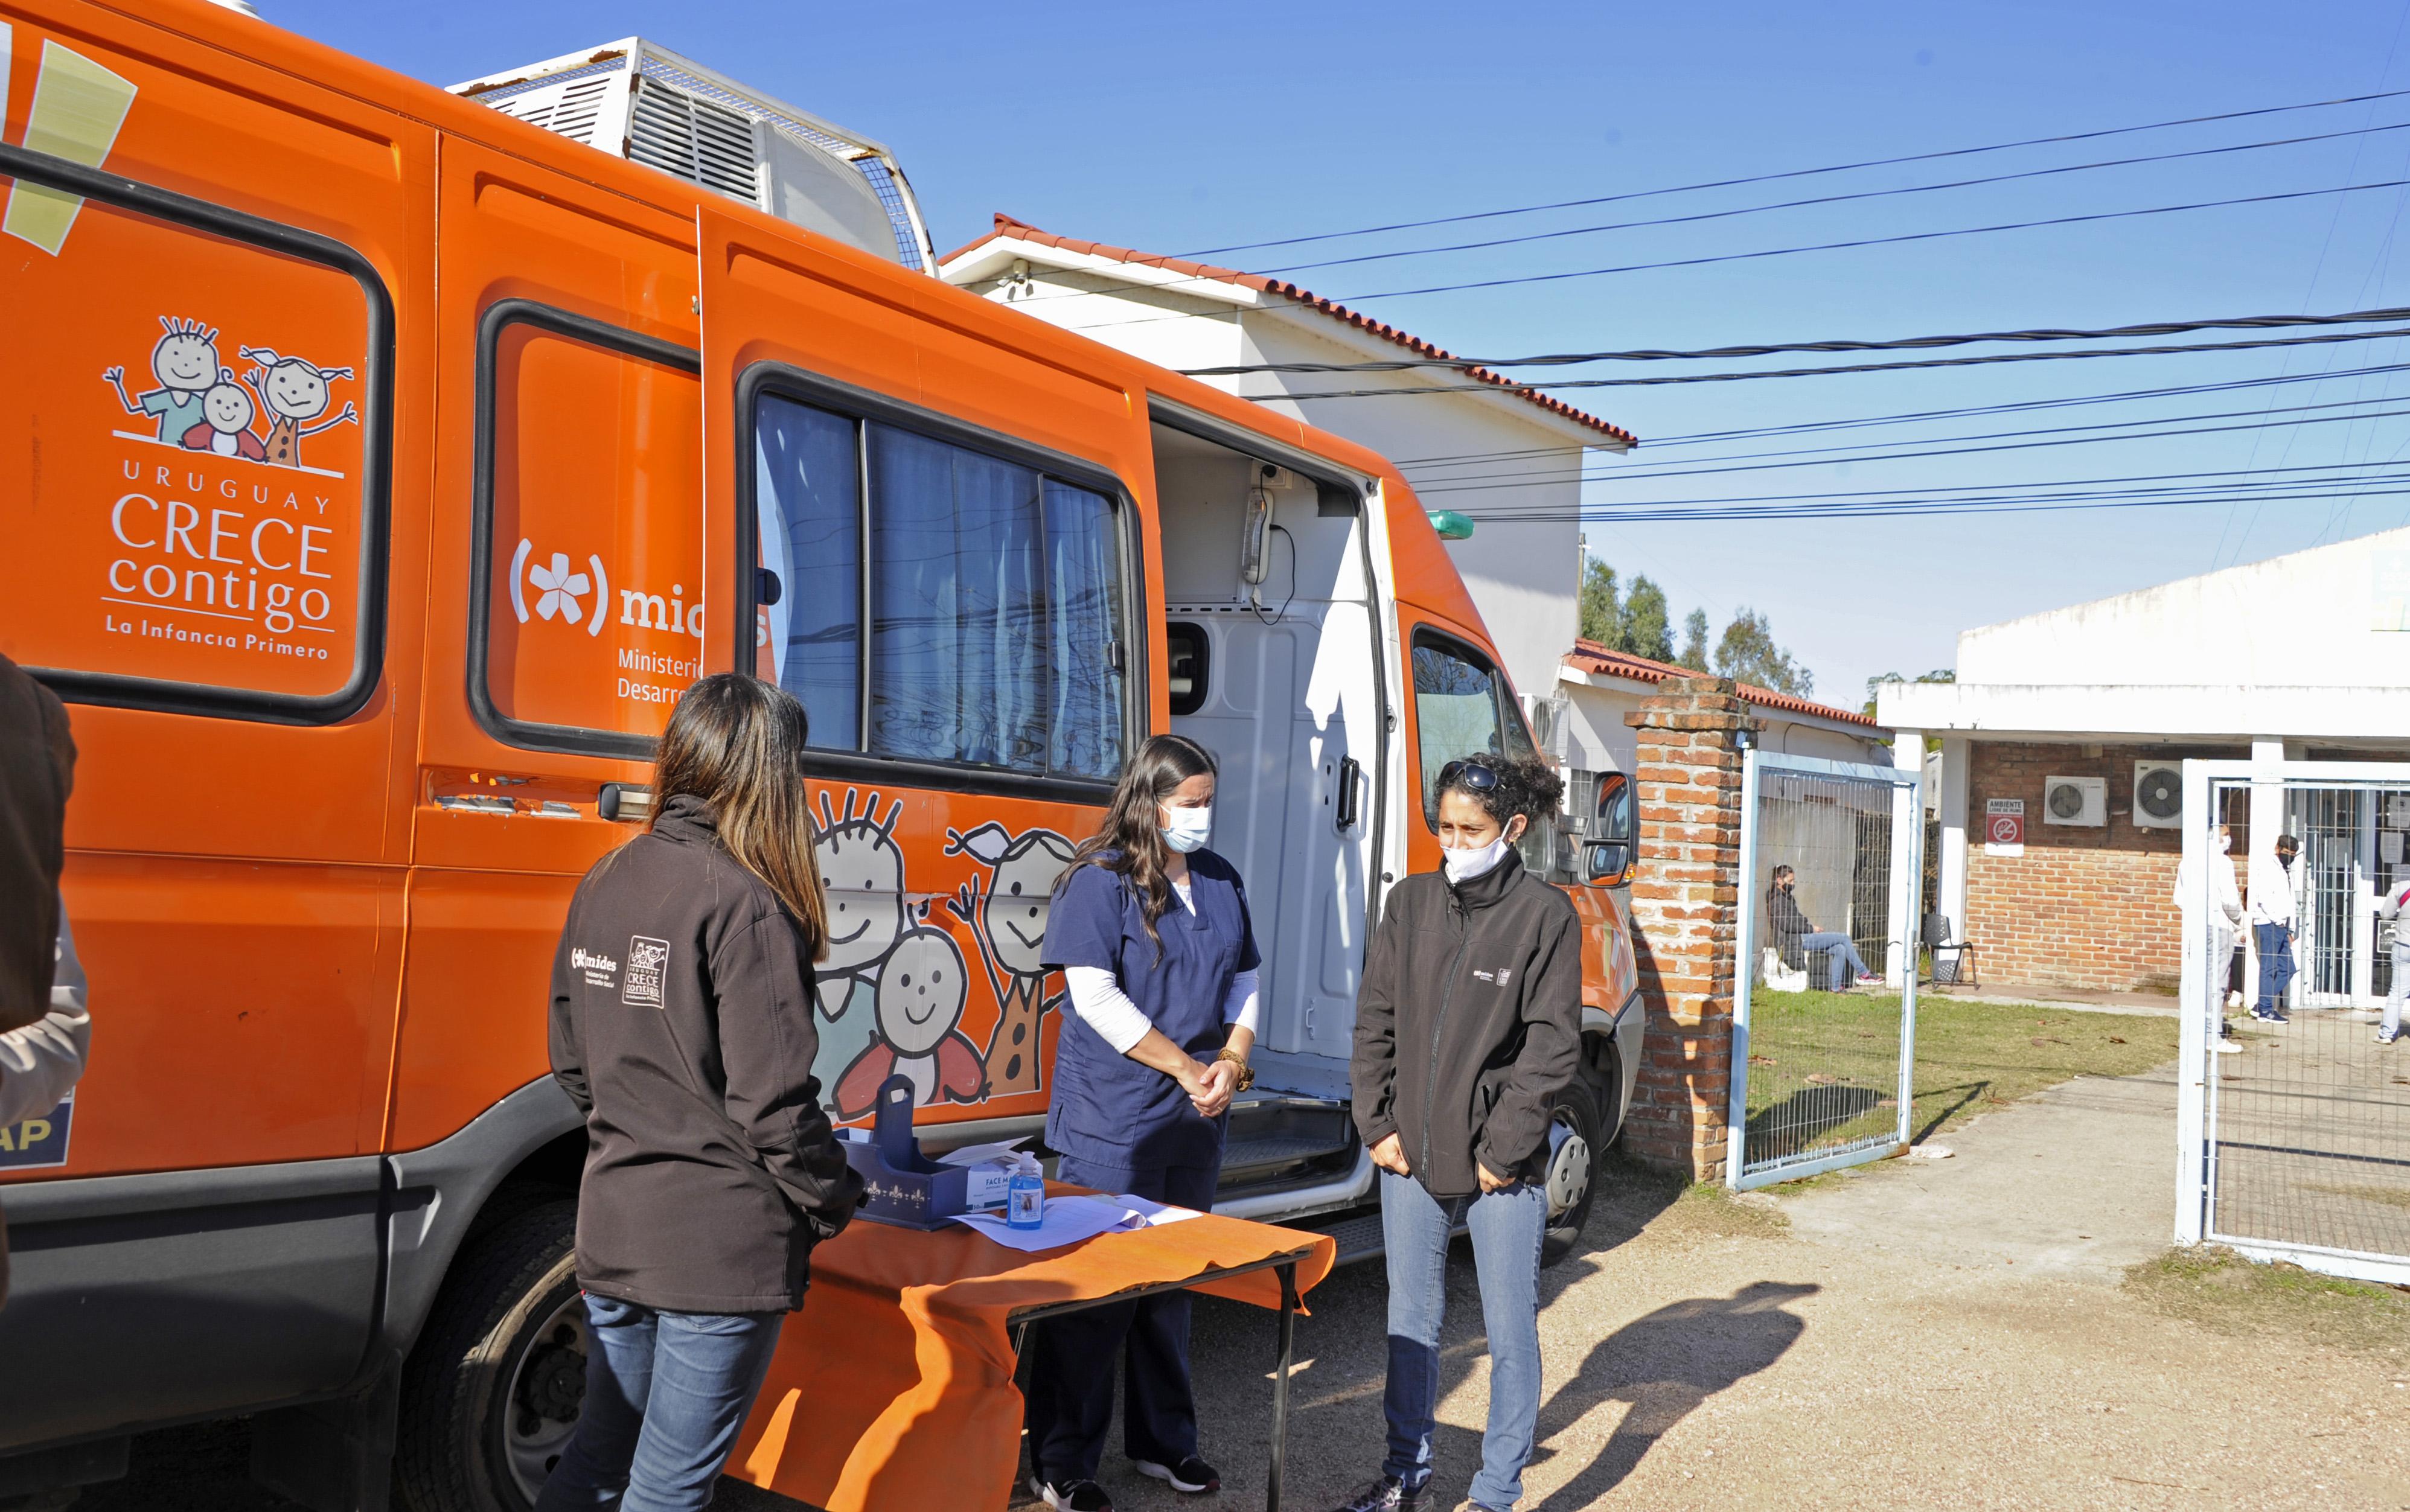 Jornada de vacunación a mujeres embarazadas beneficiarias de Uruguay Crece Contigo en Ciudad del Plata